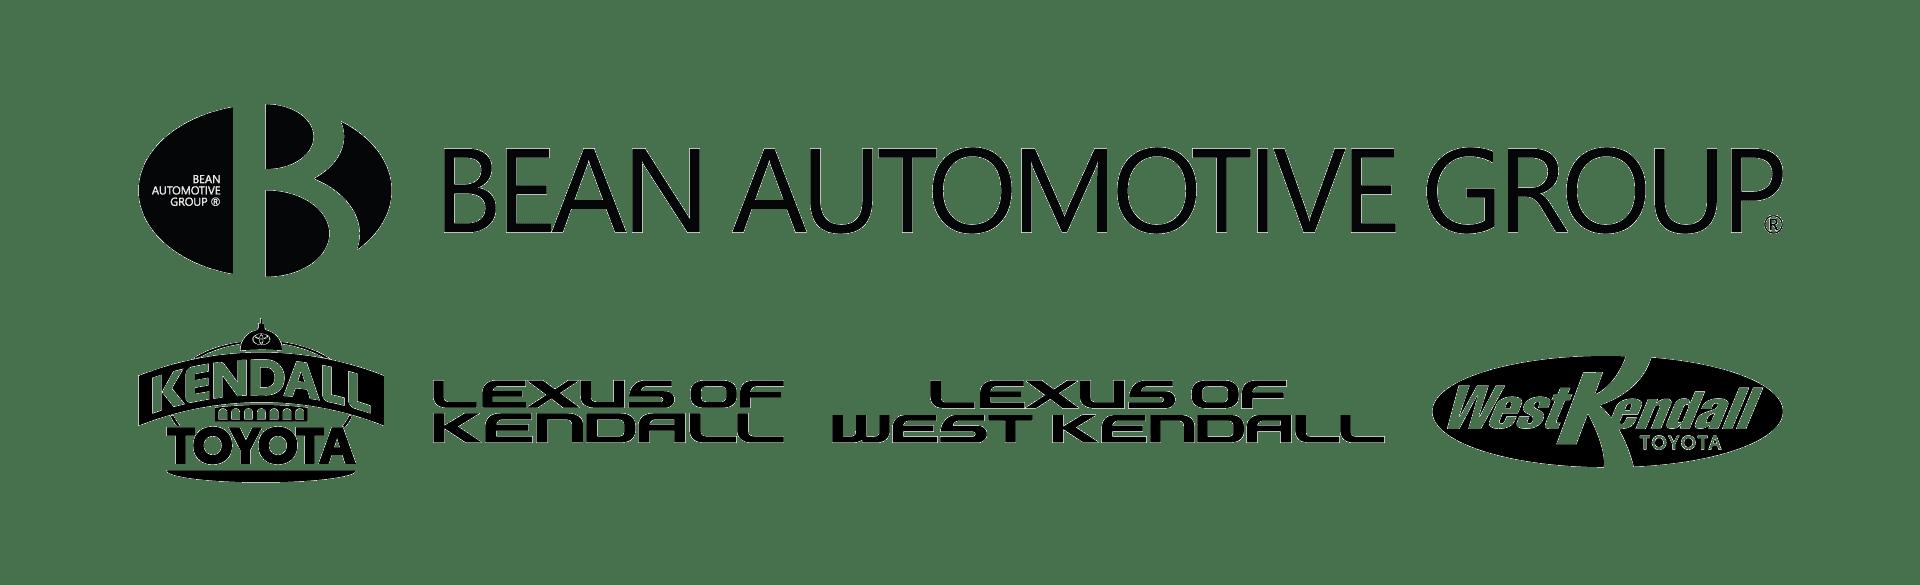 Bean Automotive Group